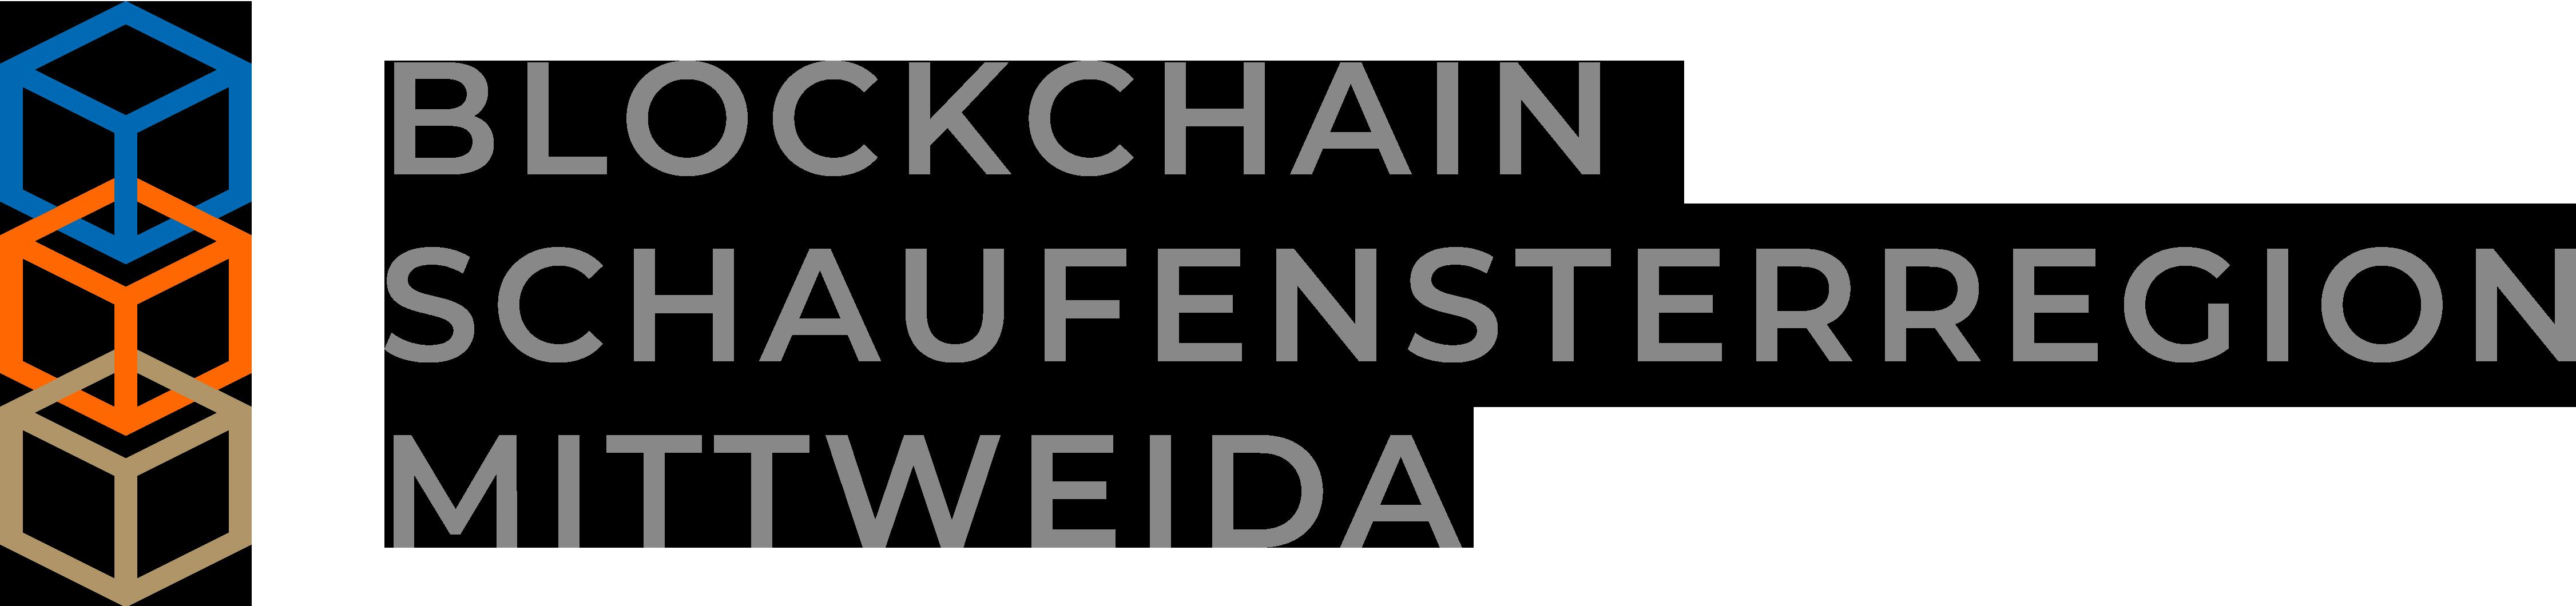 Blockchain Schaufensterregion Mittweida